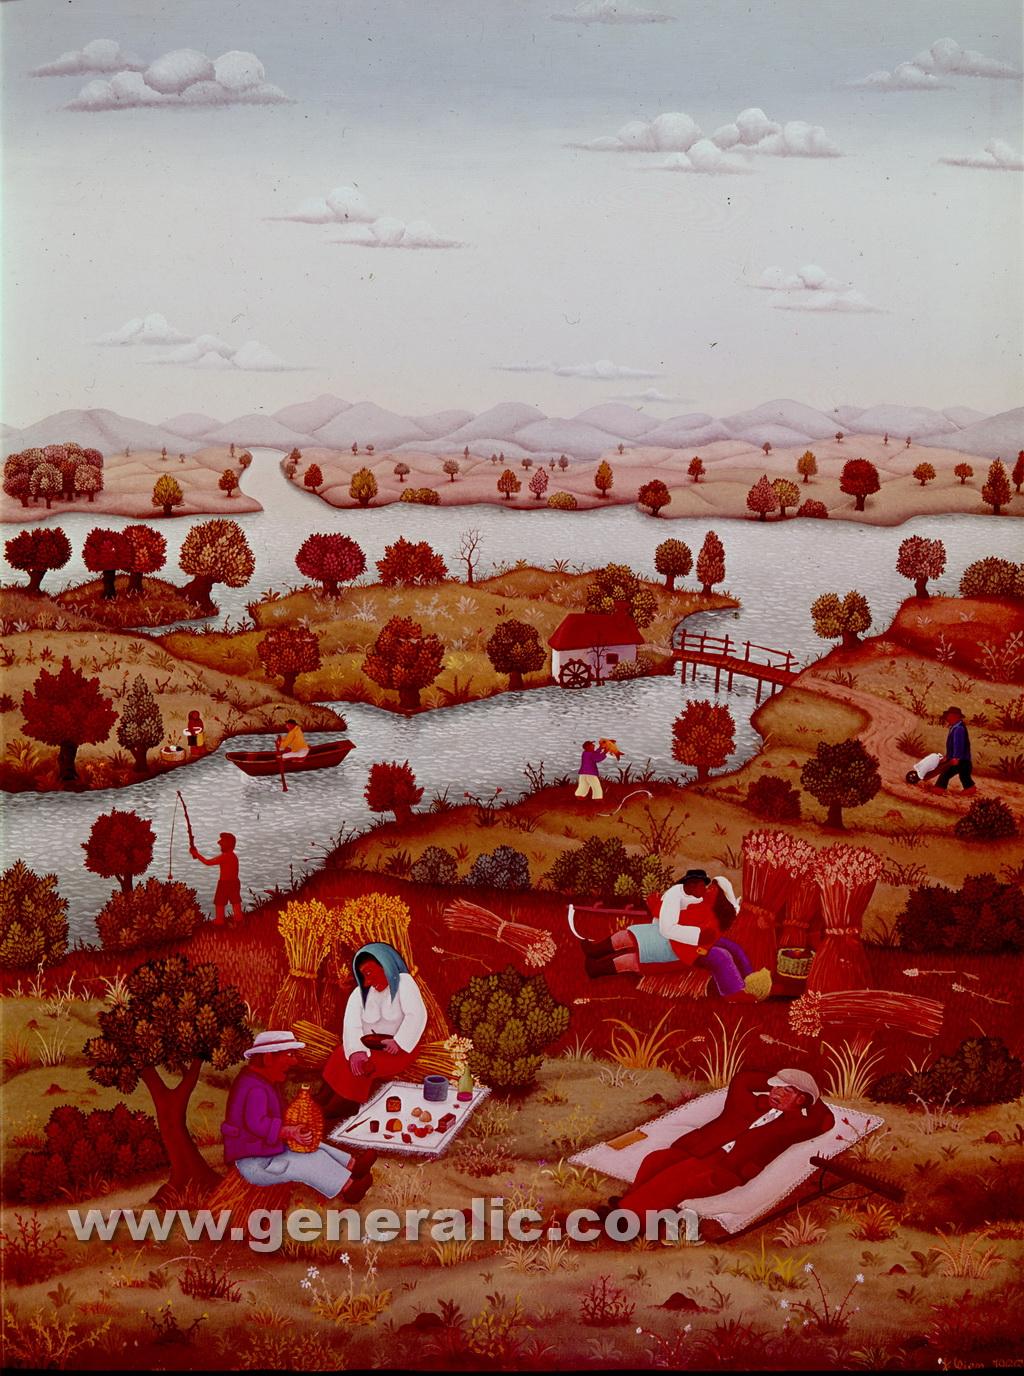 Josip Generalic, 1966, Landscape in summer, oil on canvas